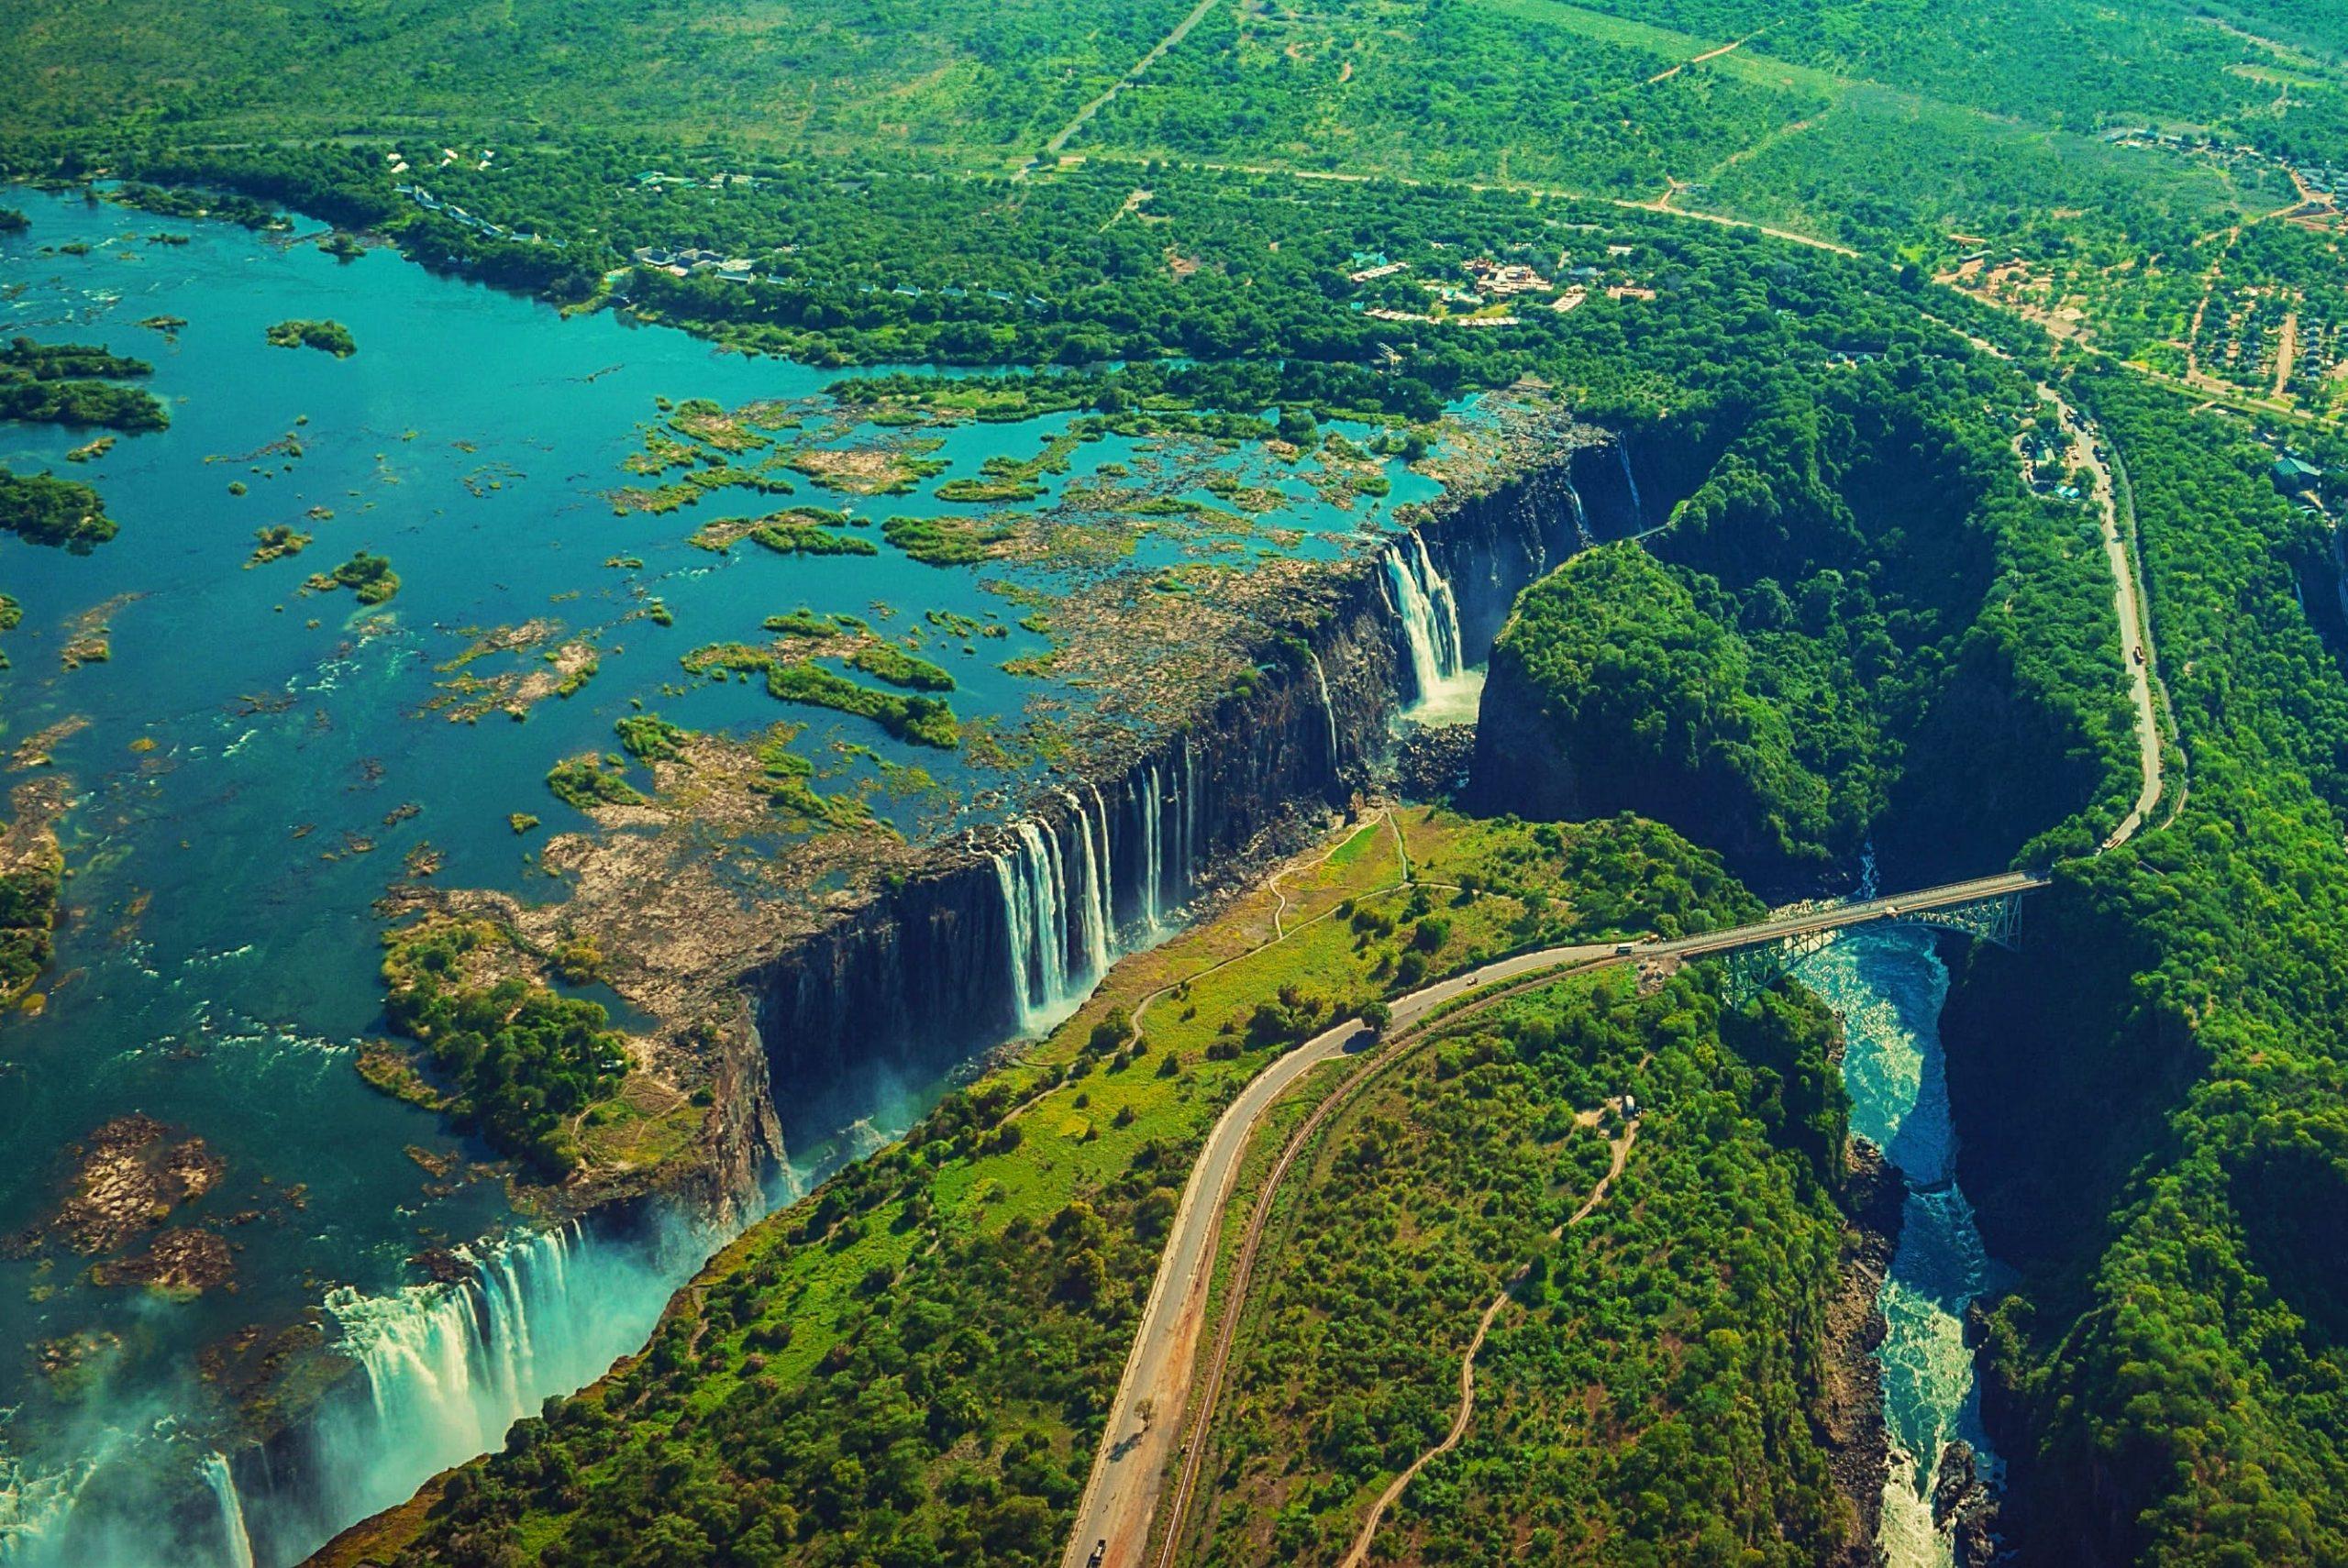 آبشارهای ویکتوریا